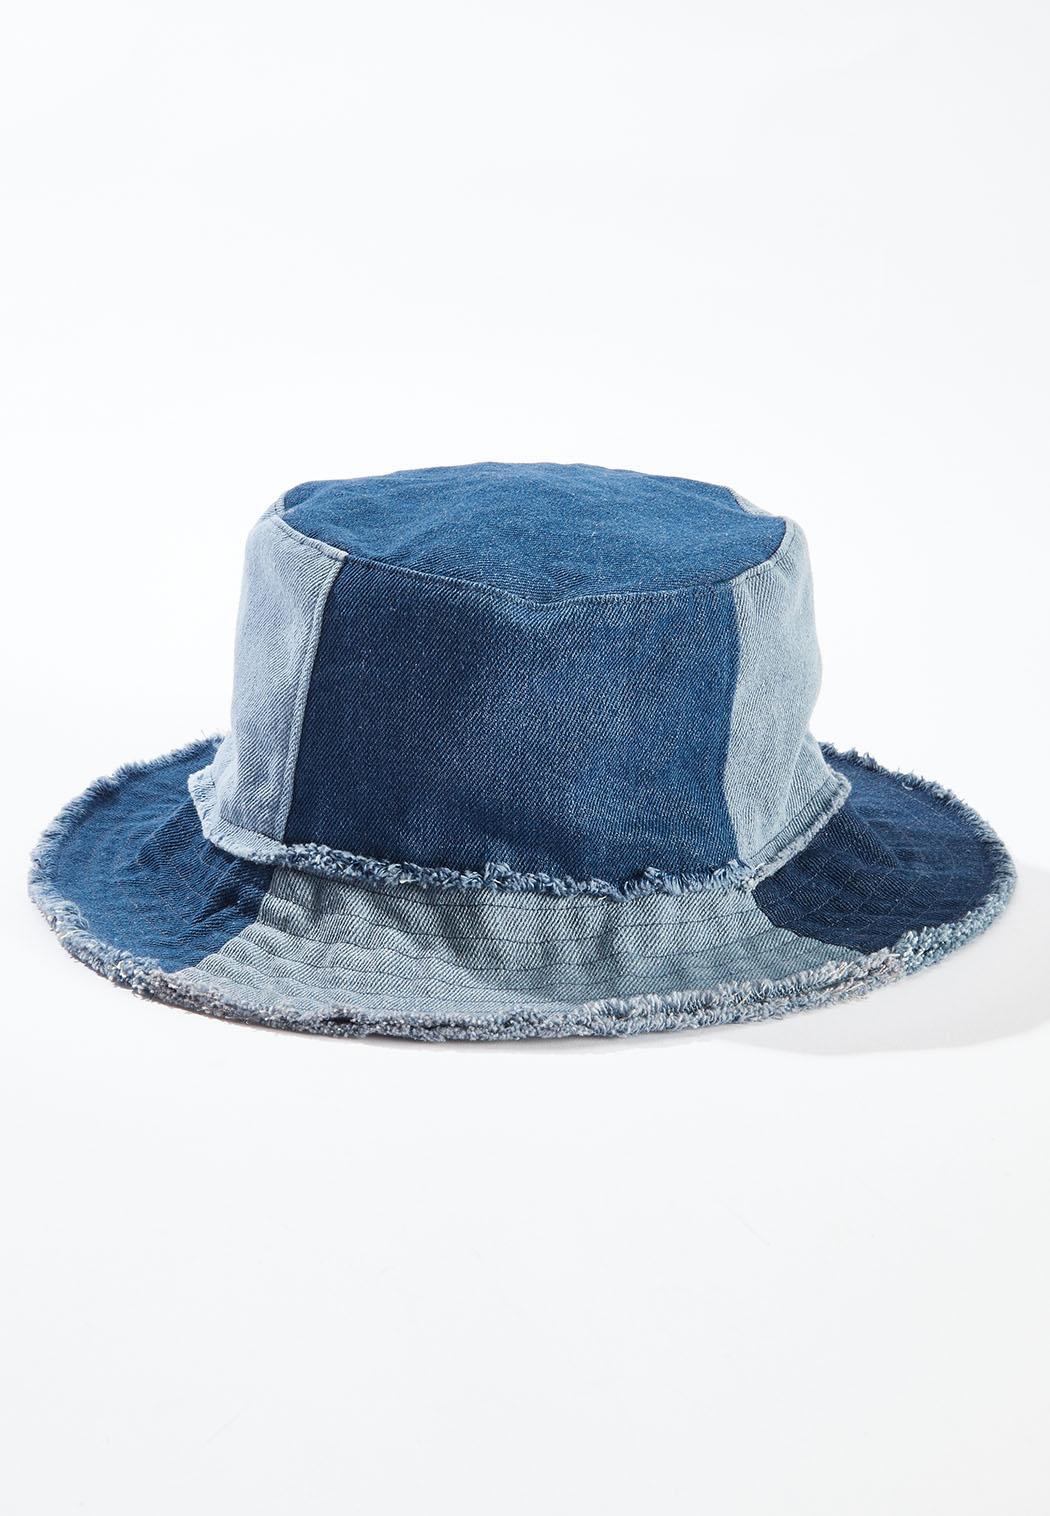 Patchwork Denim Bucket Hat